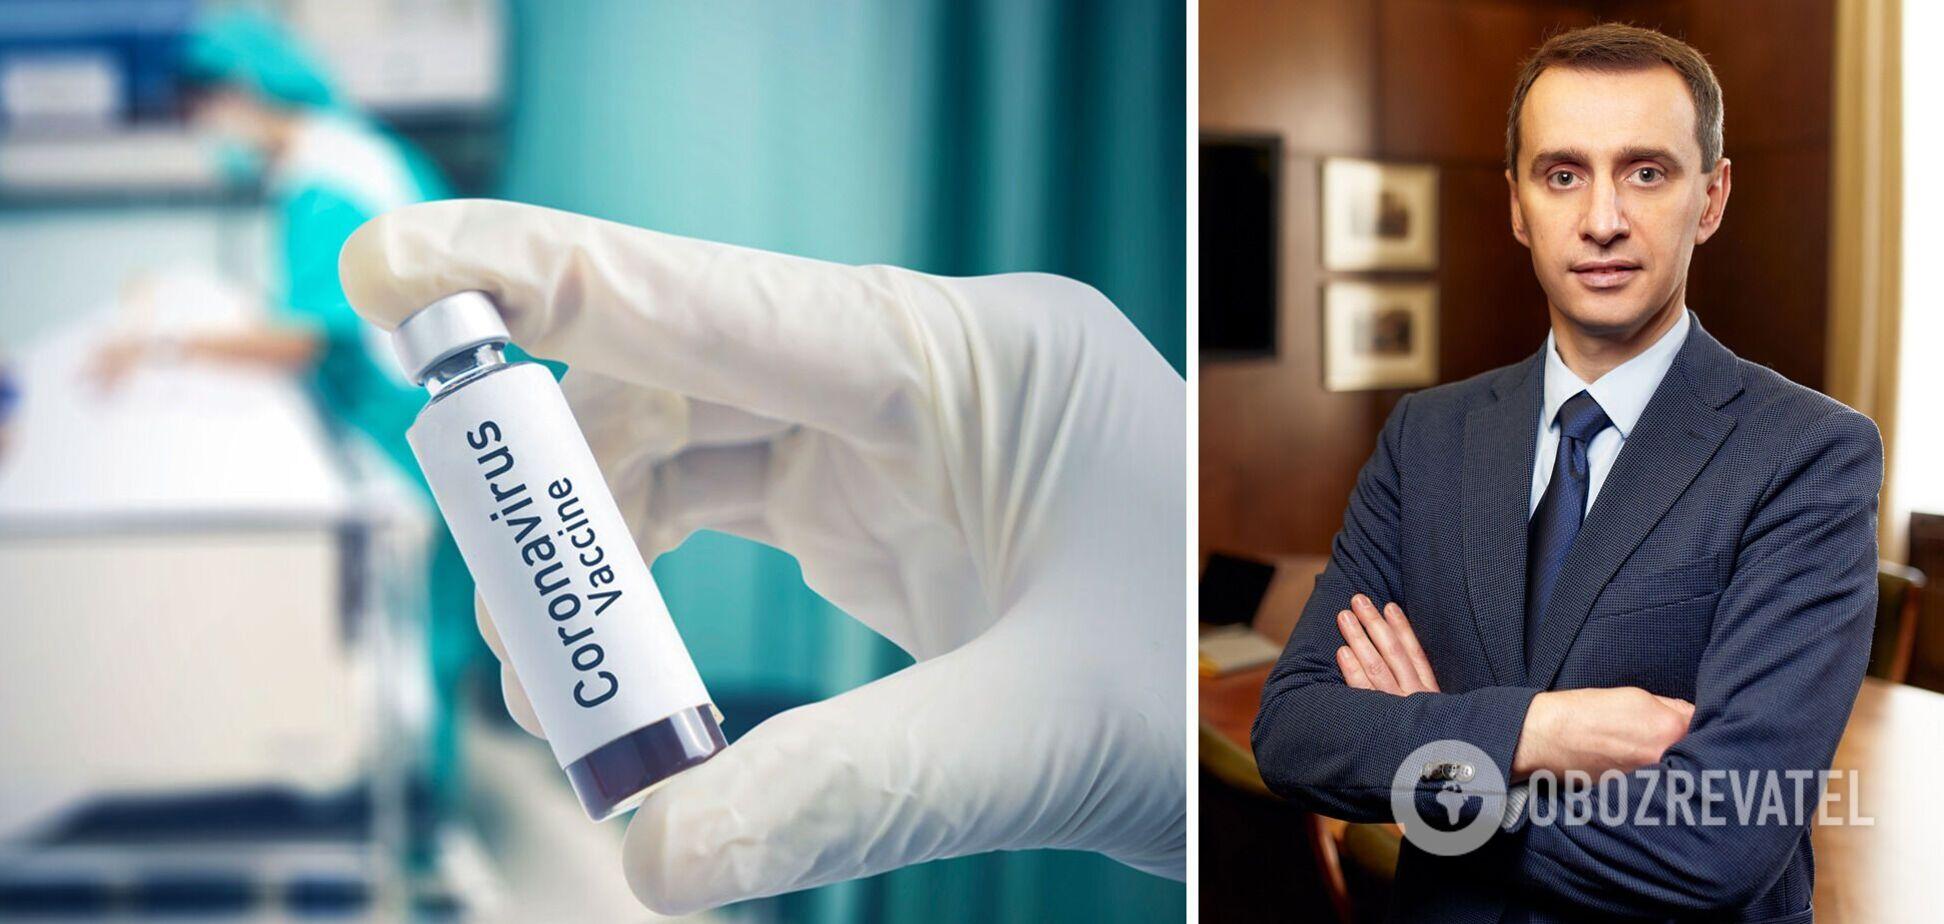 Віктор Ляшко розповів, як будуть контролювати вакцинацію